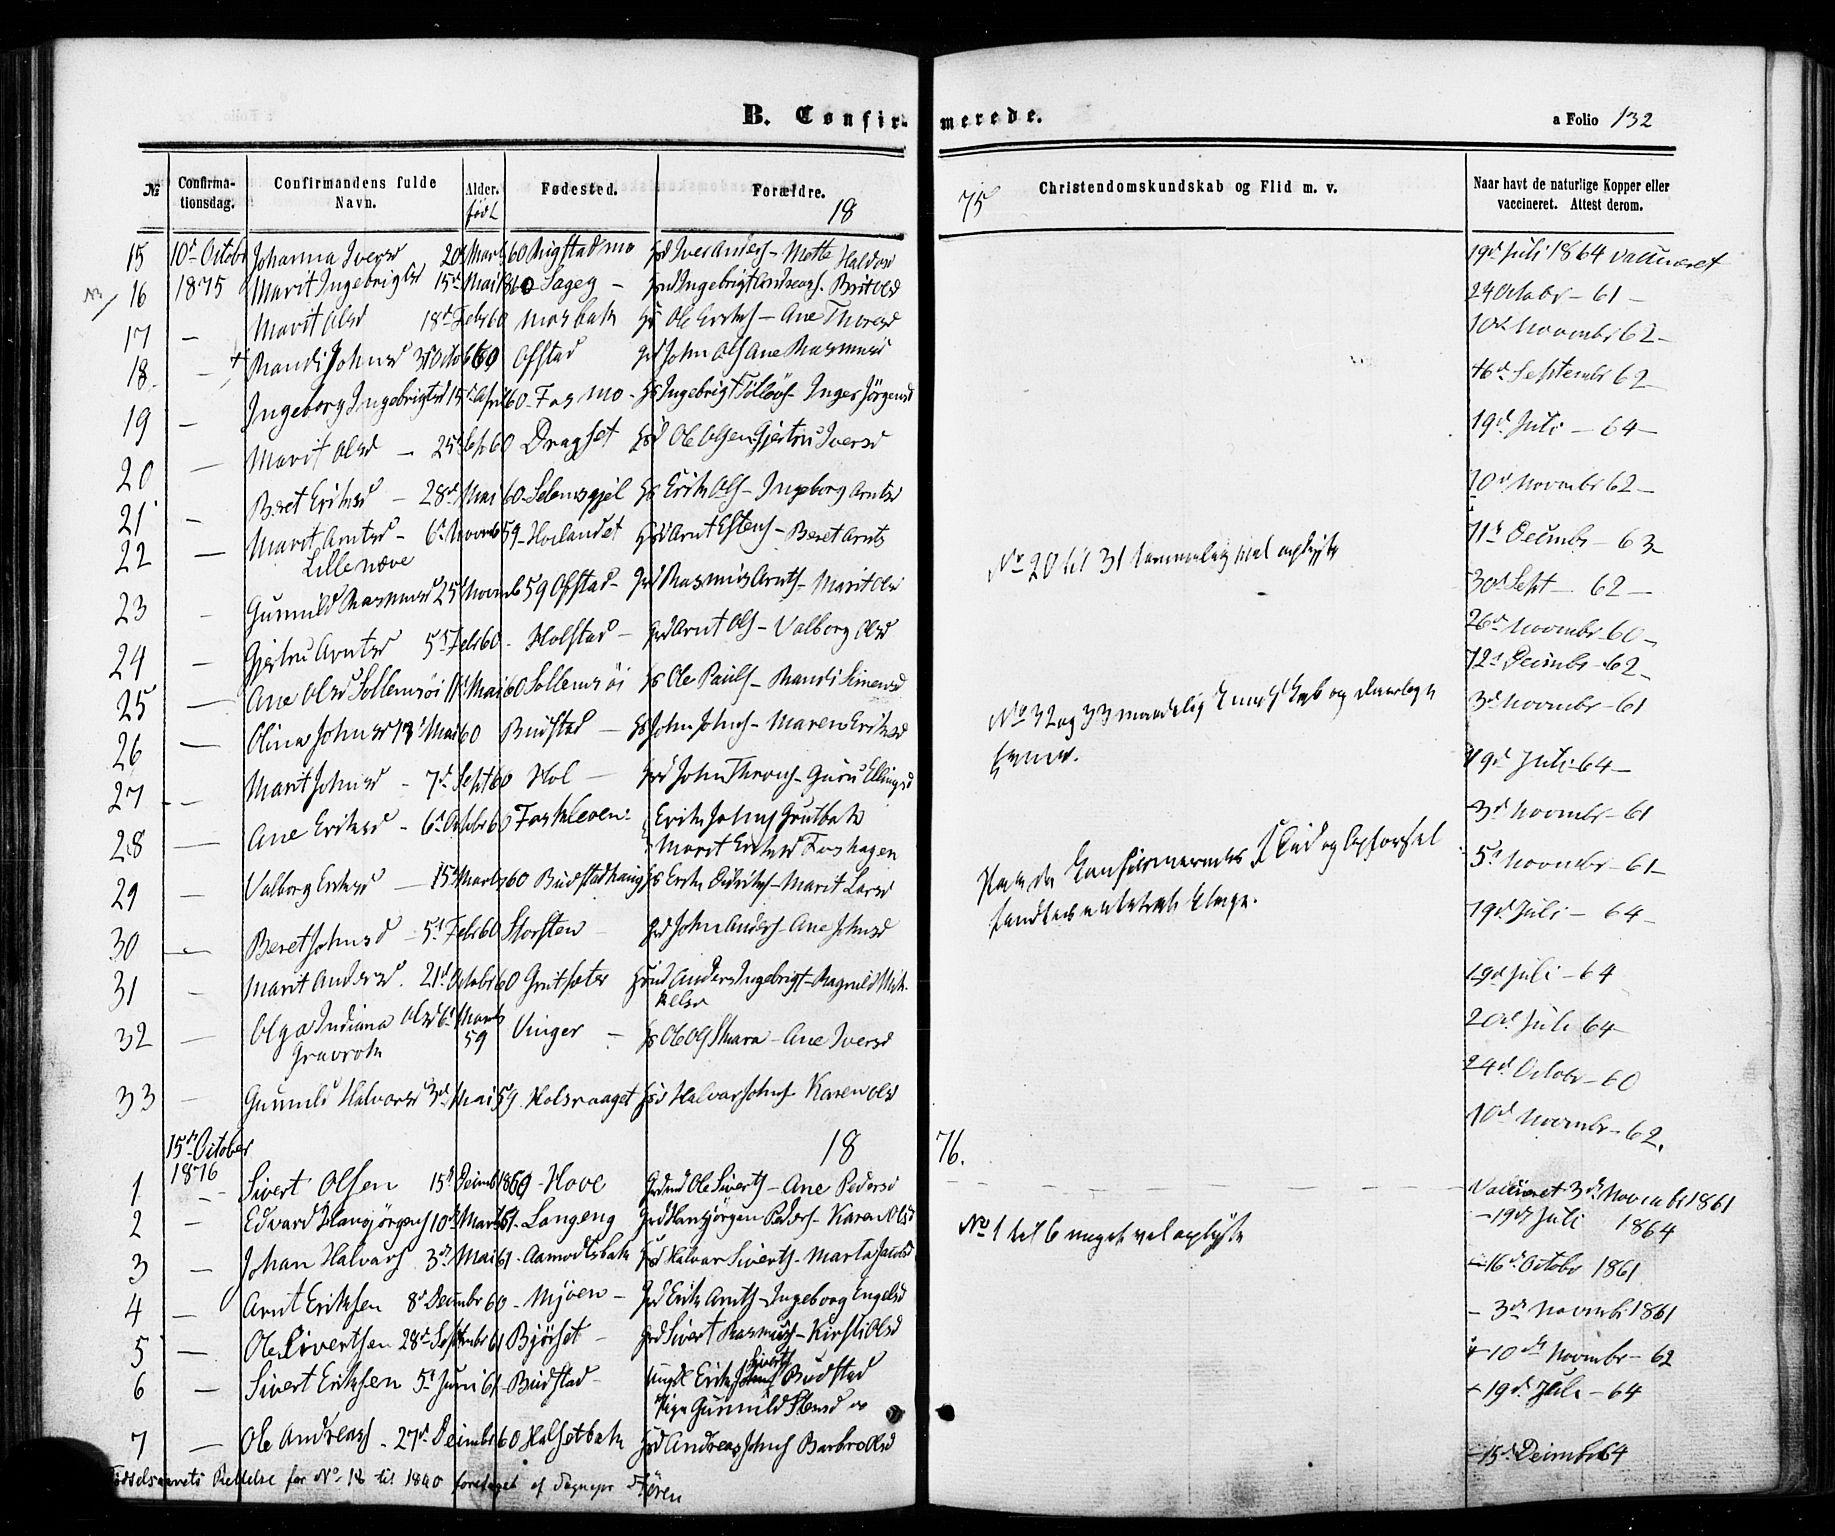 SAT, Ministerialprotokoller, klokkerbøker og fødselsregistre - Sør-Trøndelag, 672/L0856: Ministerialbok nr. 672A08, 1861-1881, s. 132